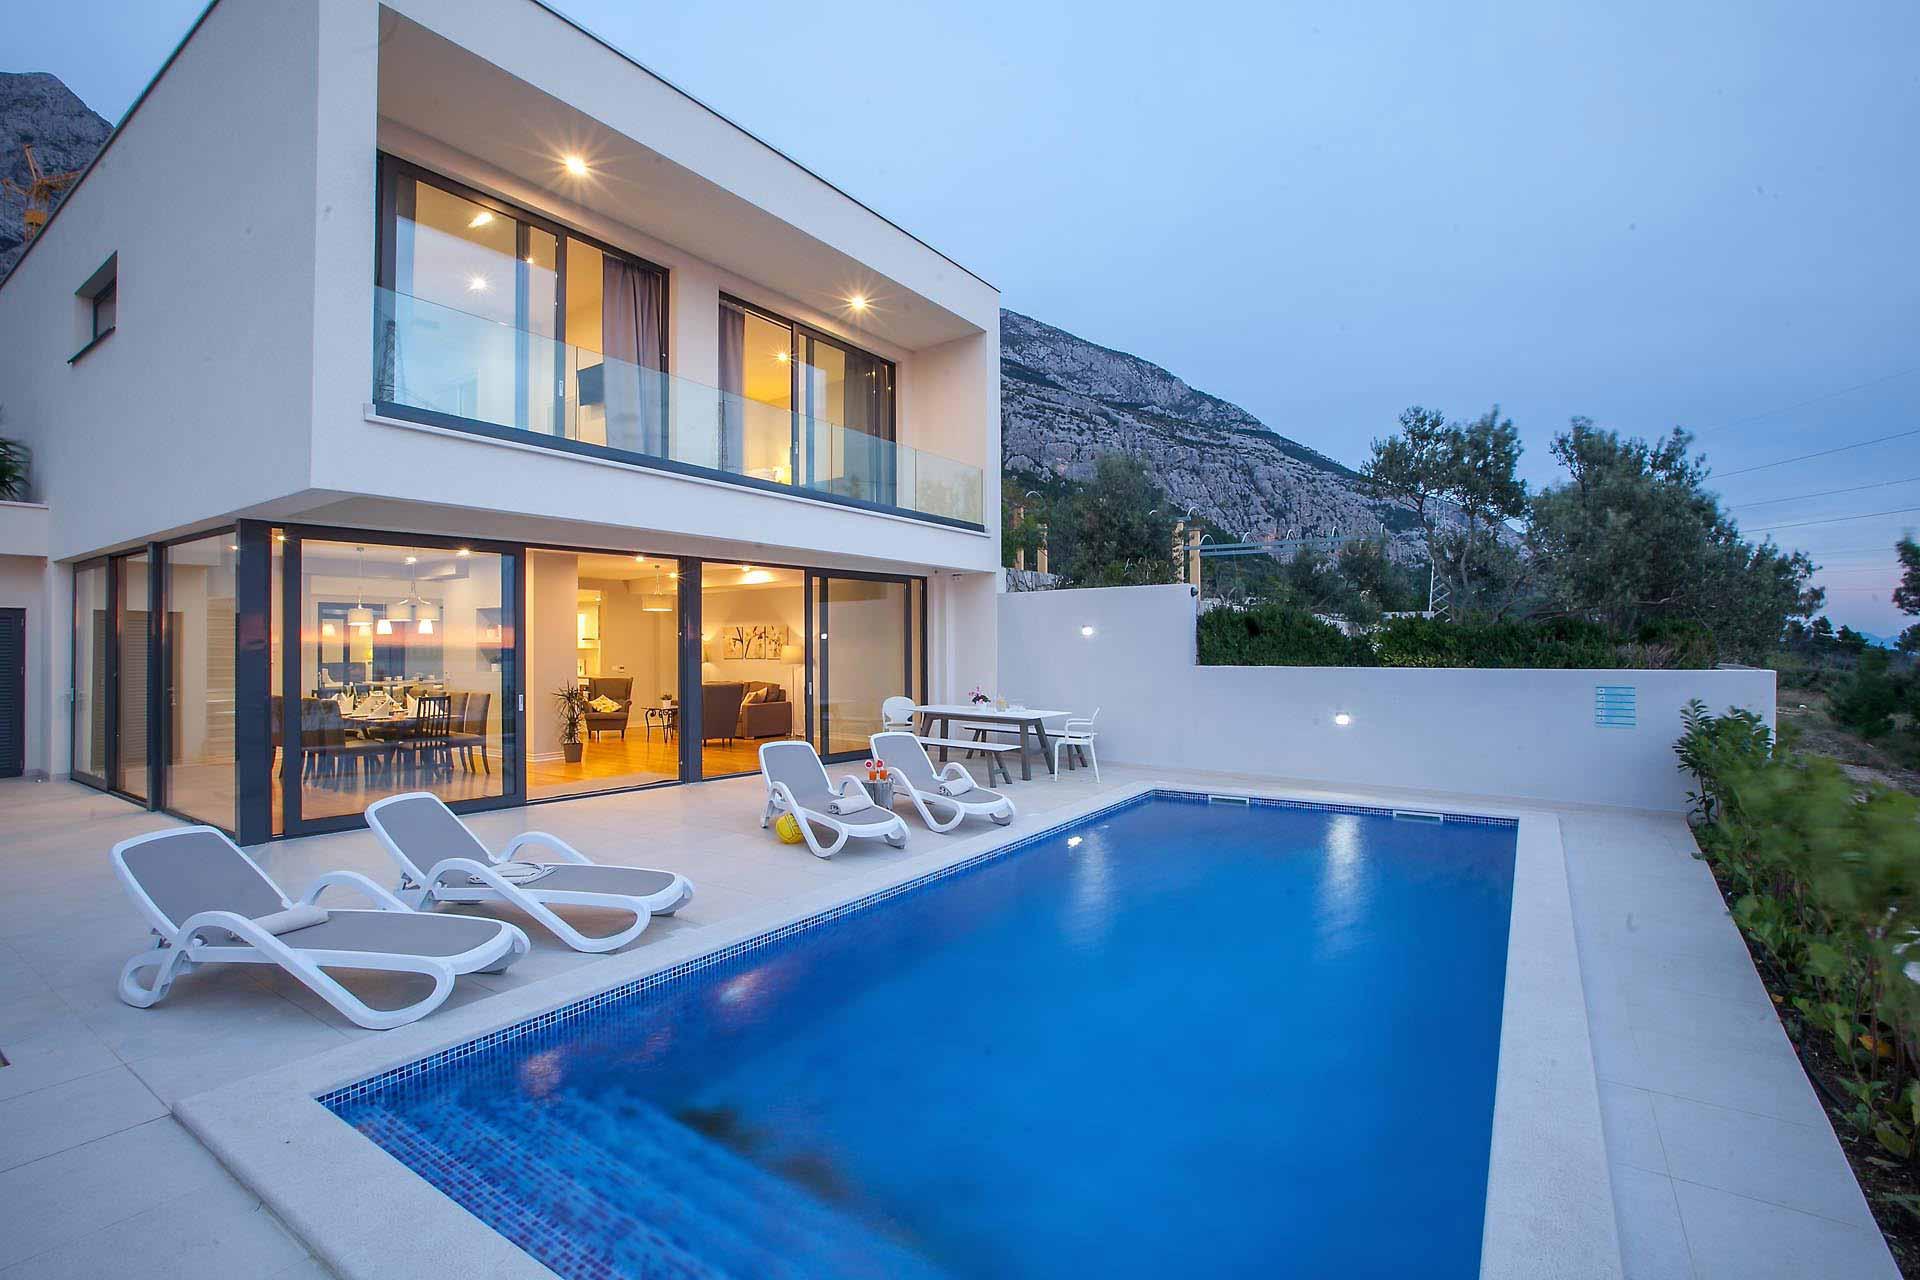 Hyra hus i kroatien med pool makarska lyxhus ivan for Kroatien villa mit pool